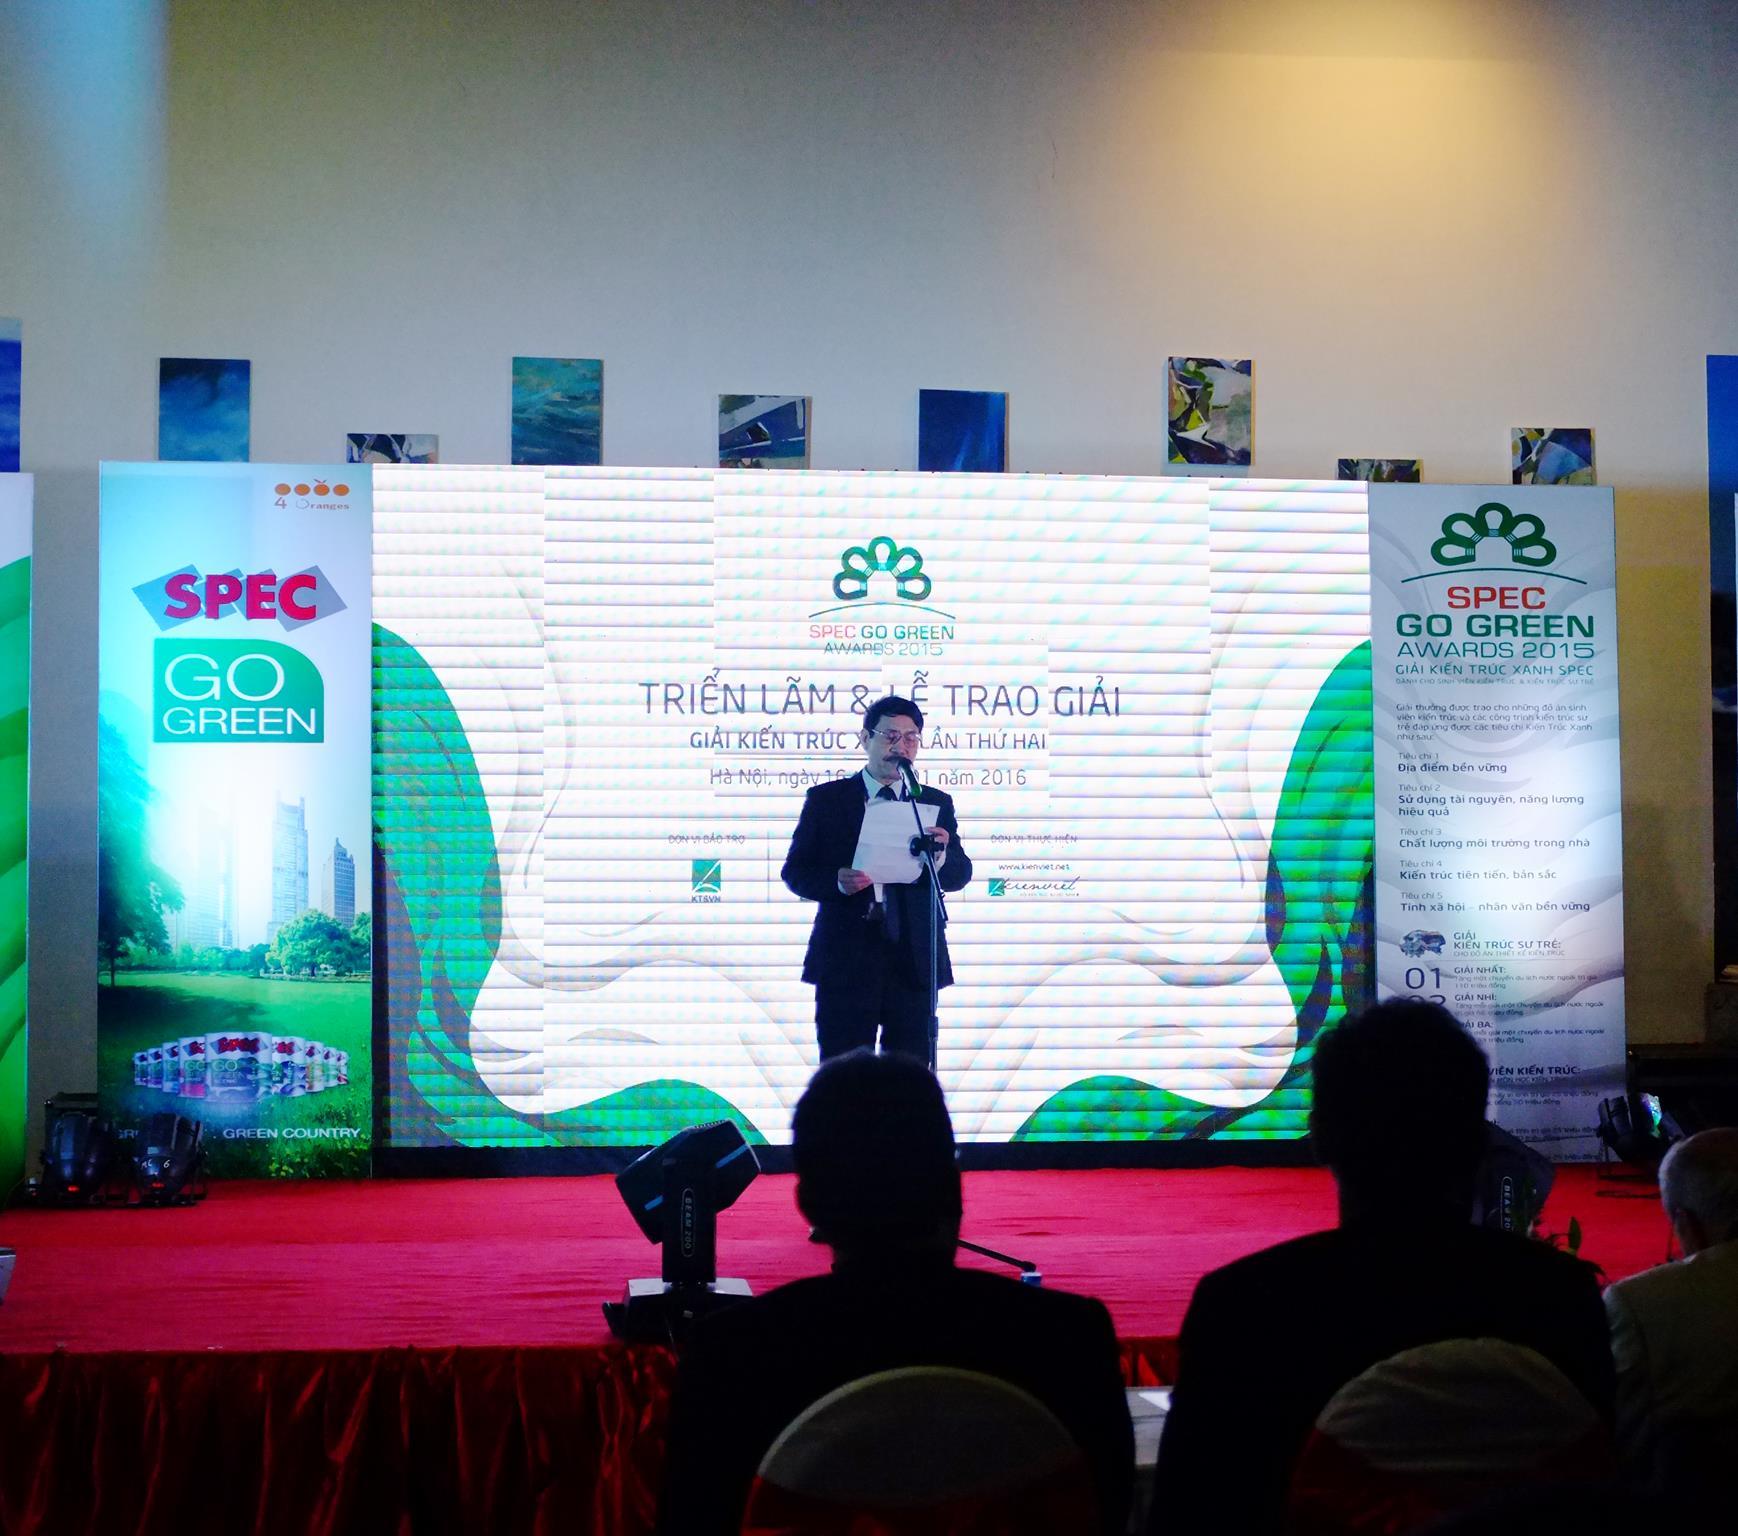 Ông Ngô Doãn Đức - Trưởng BTC giải phát biểu khai mạc. Ảnh (c) Hoàng Lương